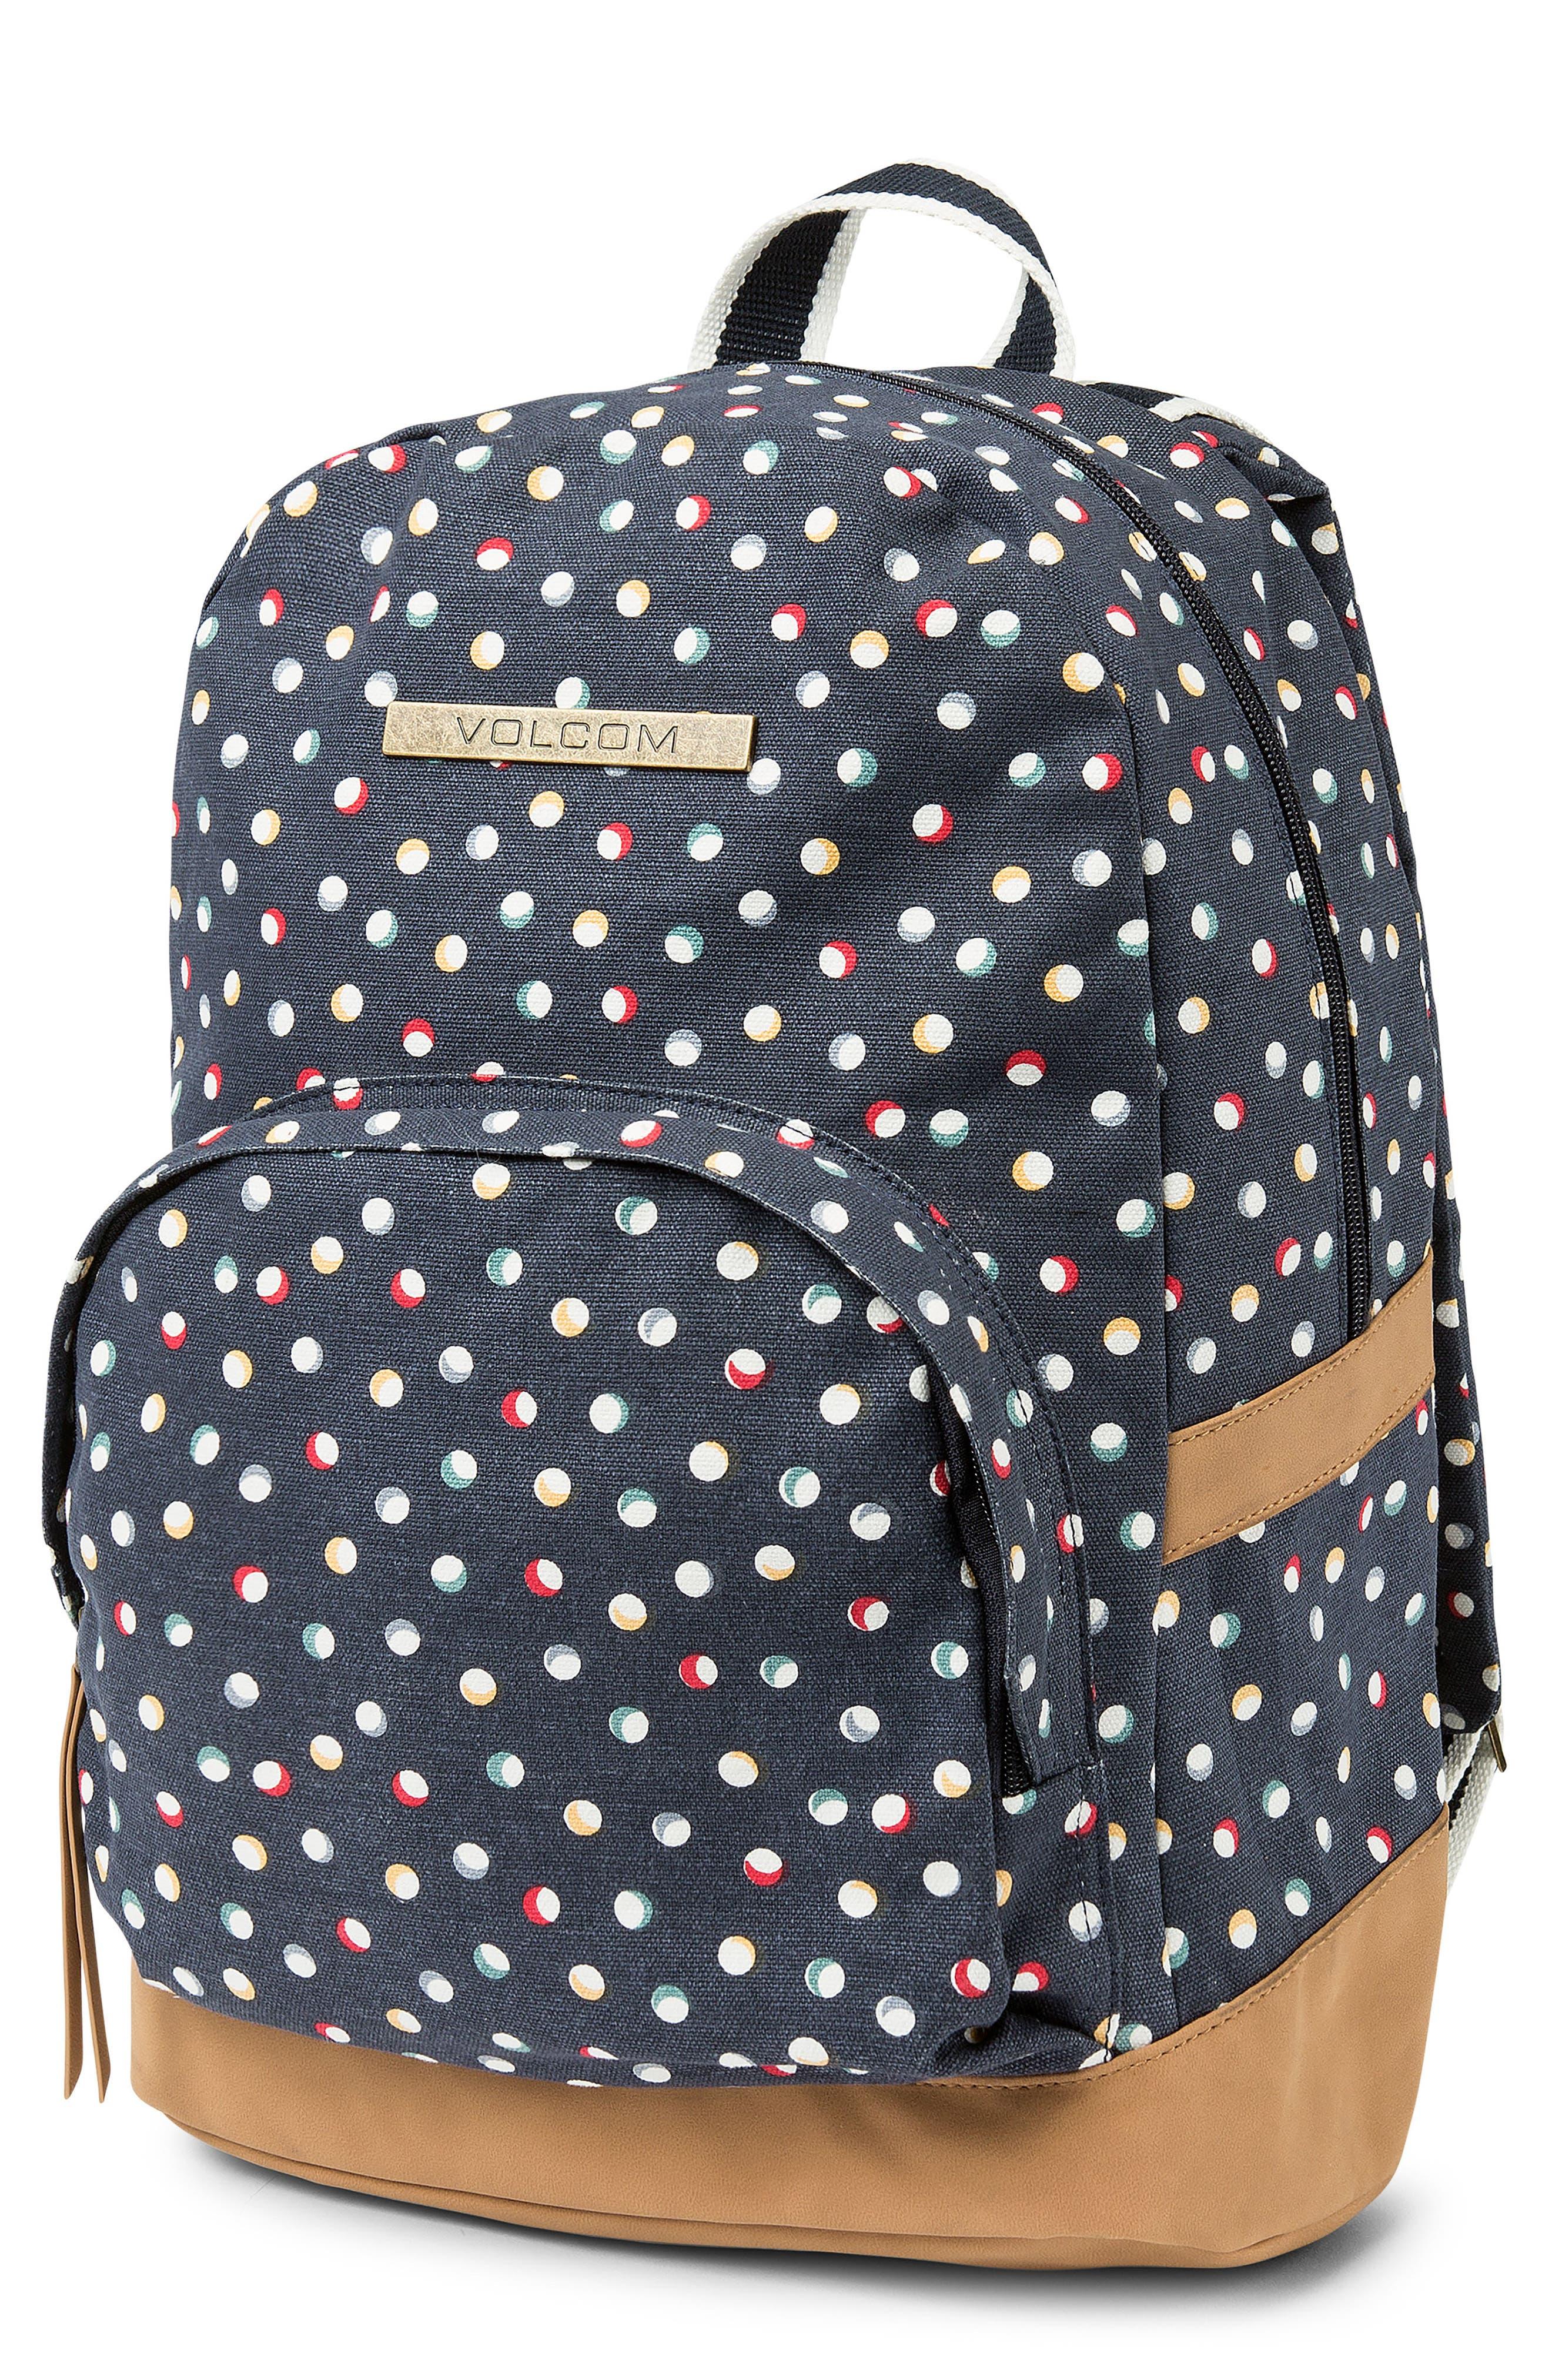 Vacations Canvas Backpack,                             Main thumbnail 1, color,                             SEA NAVY